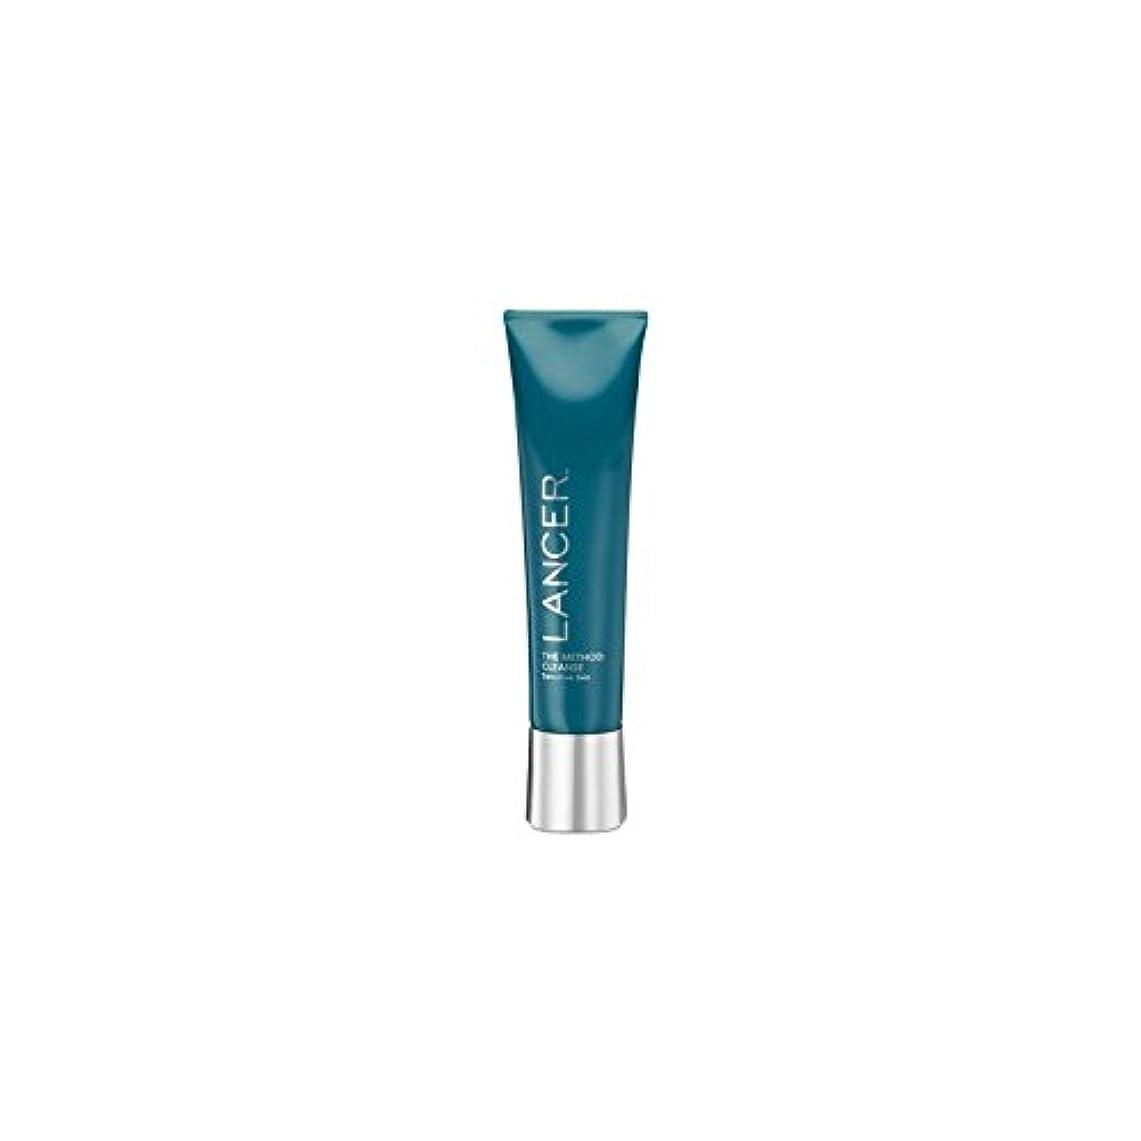 腕テメリティ圧縮されたLancer Skincare The Method: Cleanser Sensitive Skin (120ml) - クレンザー敏感肌(120ミリリットル):ランサーは、メソッドをスキンケア [並行輸入品]